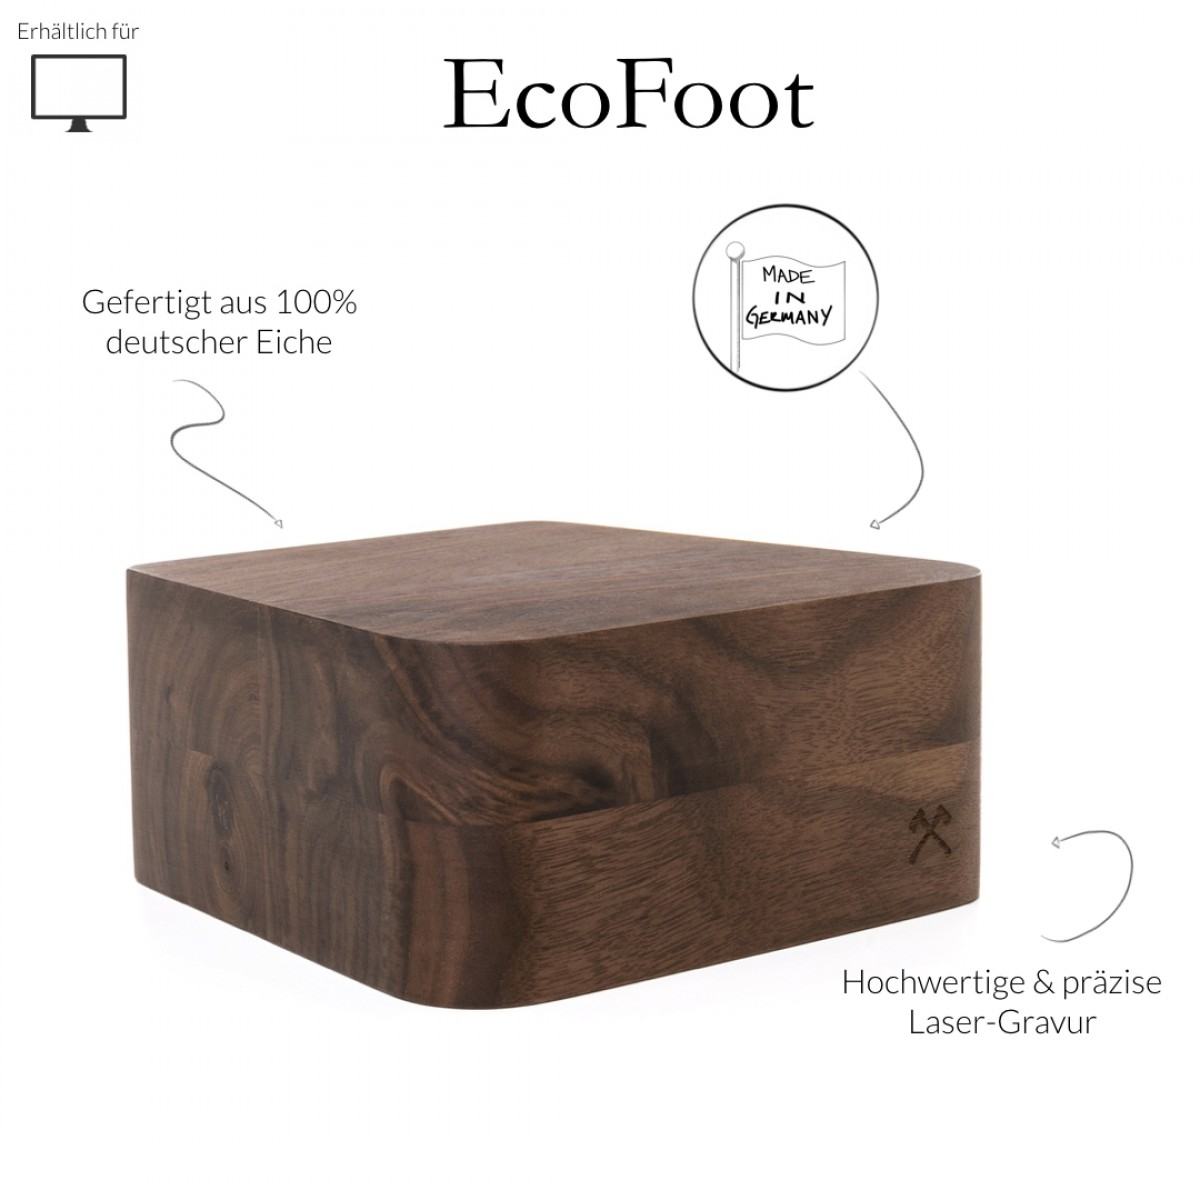 """Woodcessories - EcoFoot iMac Stand - Premium Design Monitorständer, Bildschirmständer, Erhöhung für den Apple iMac aus massivem Holz (21,5"""", Walnuss)"""